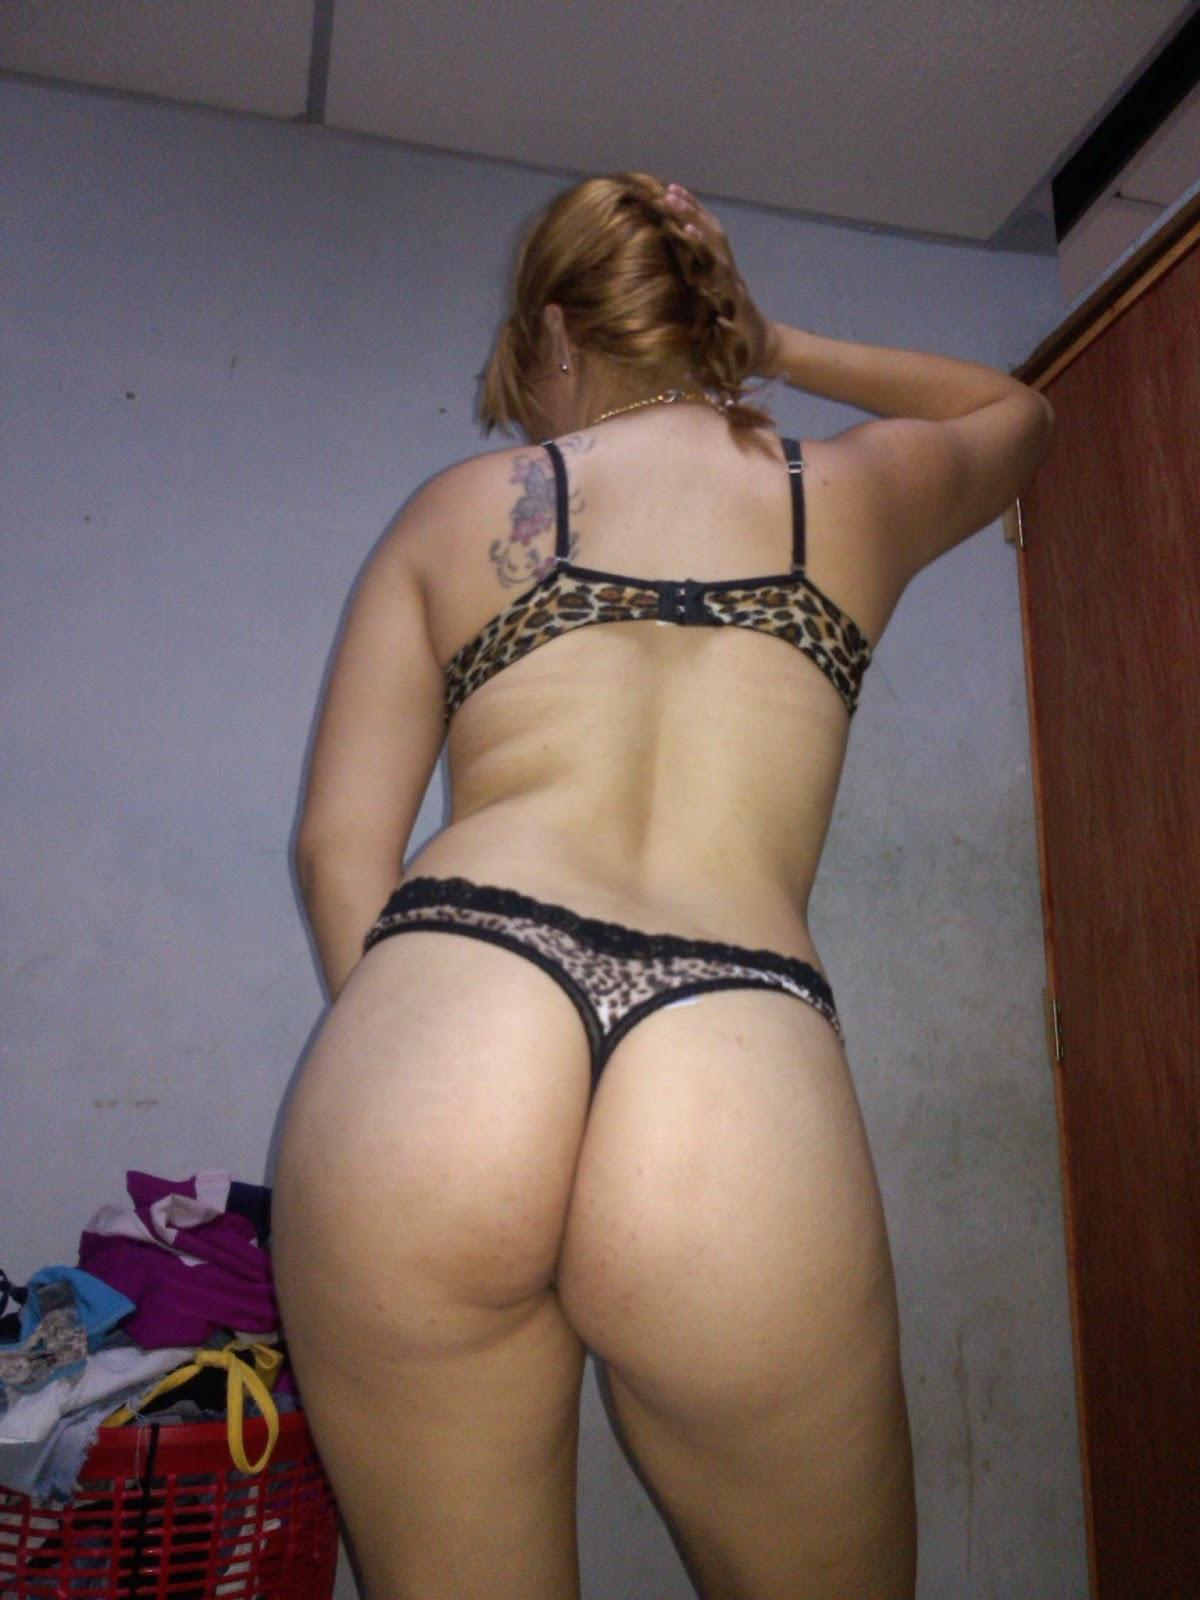 khole kardashians nakedgrting fucked